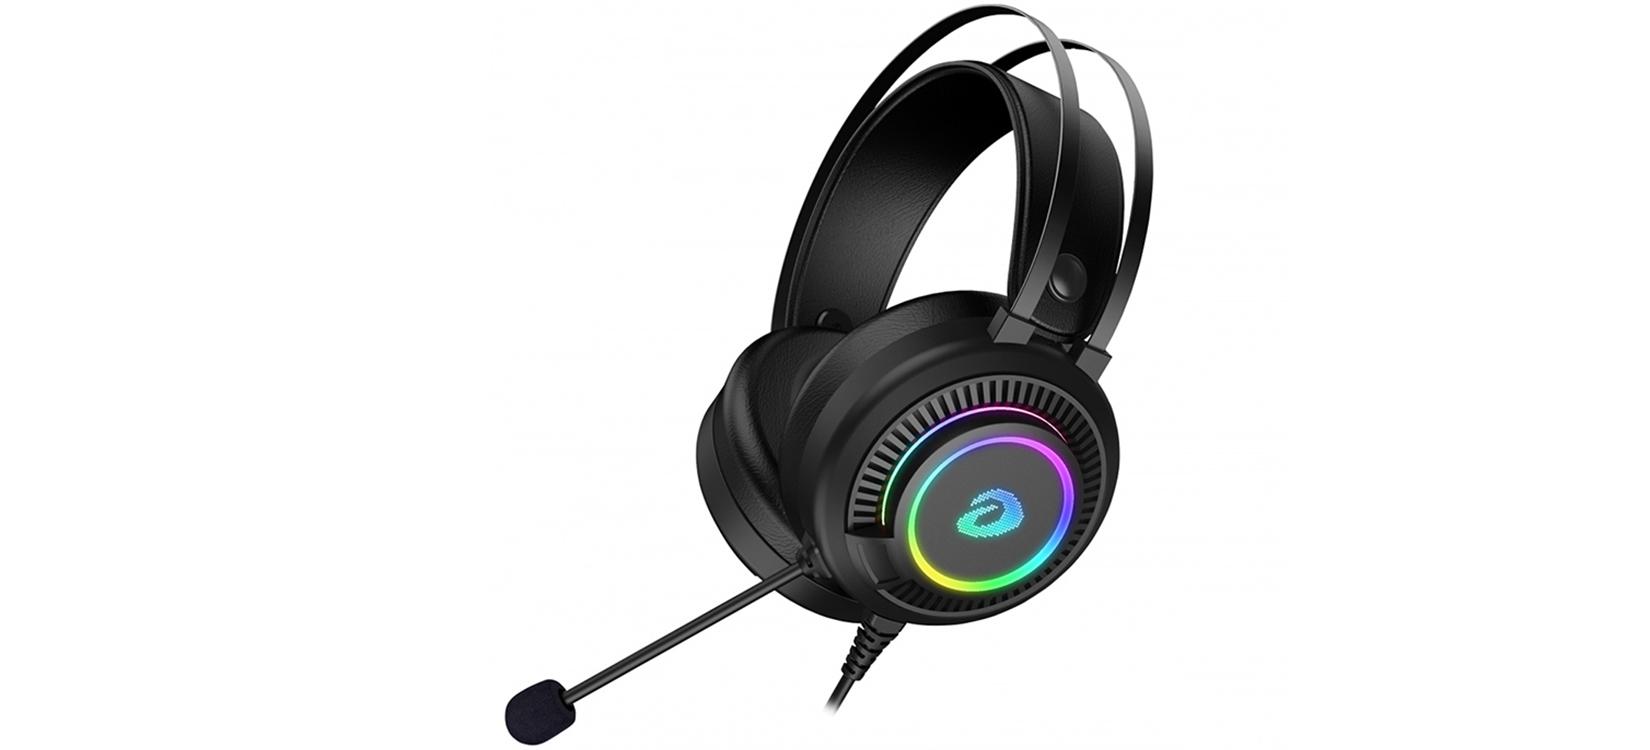 Tai Nghe Dareu EH416 RGB (7.1, USB, LED RGB)